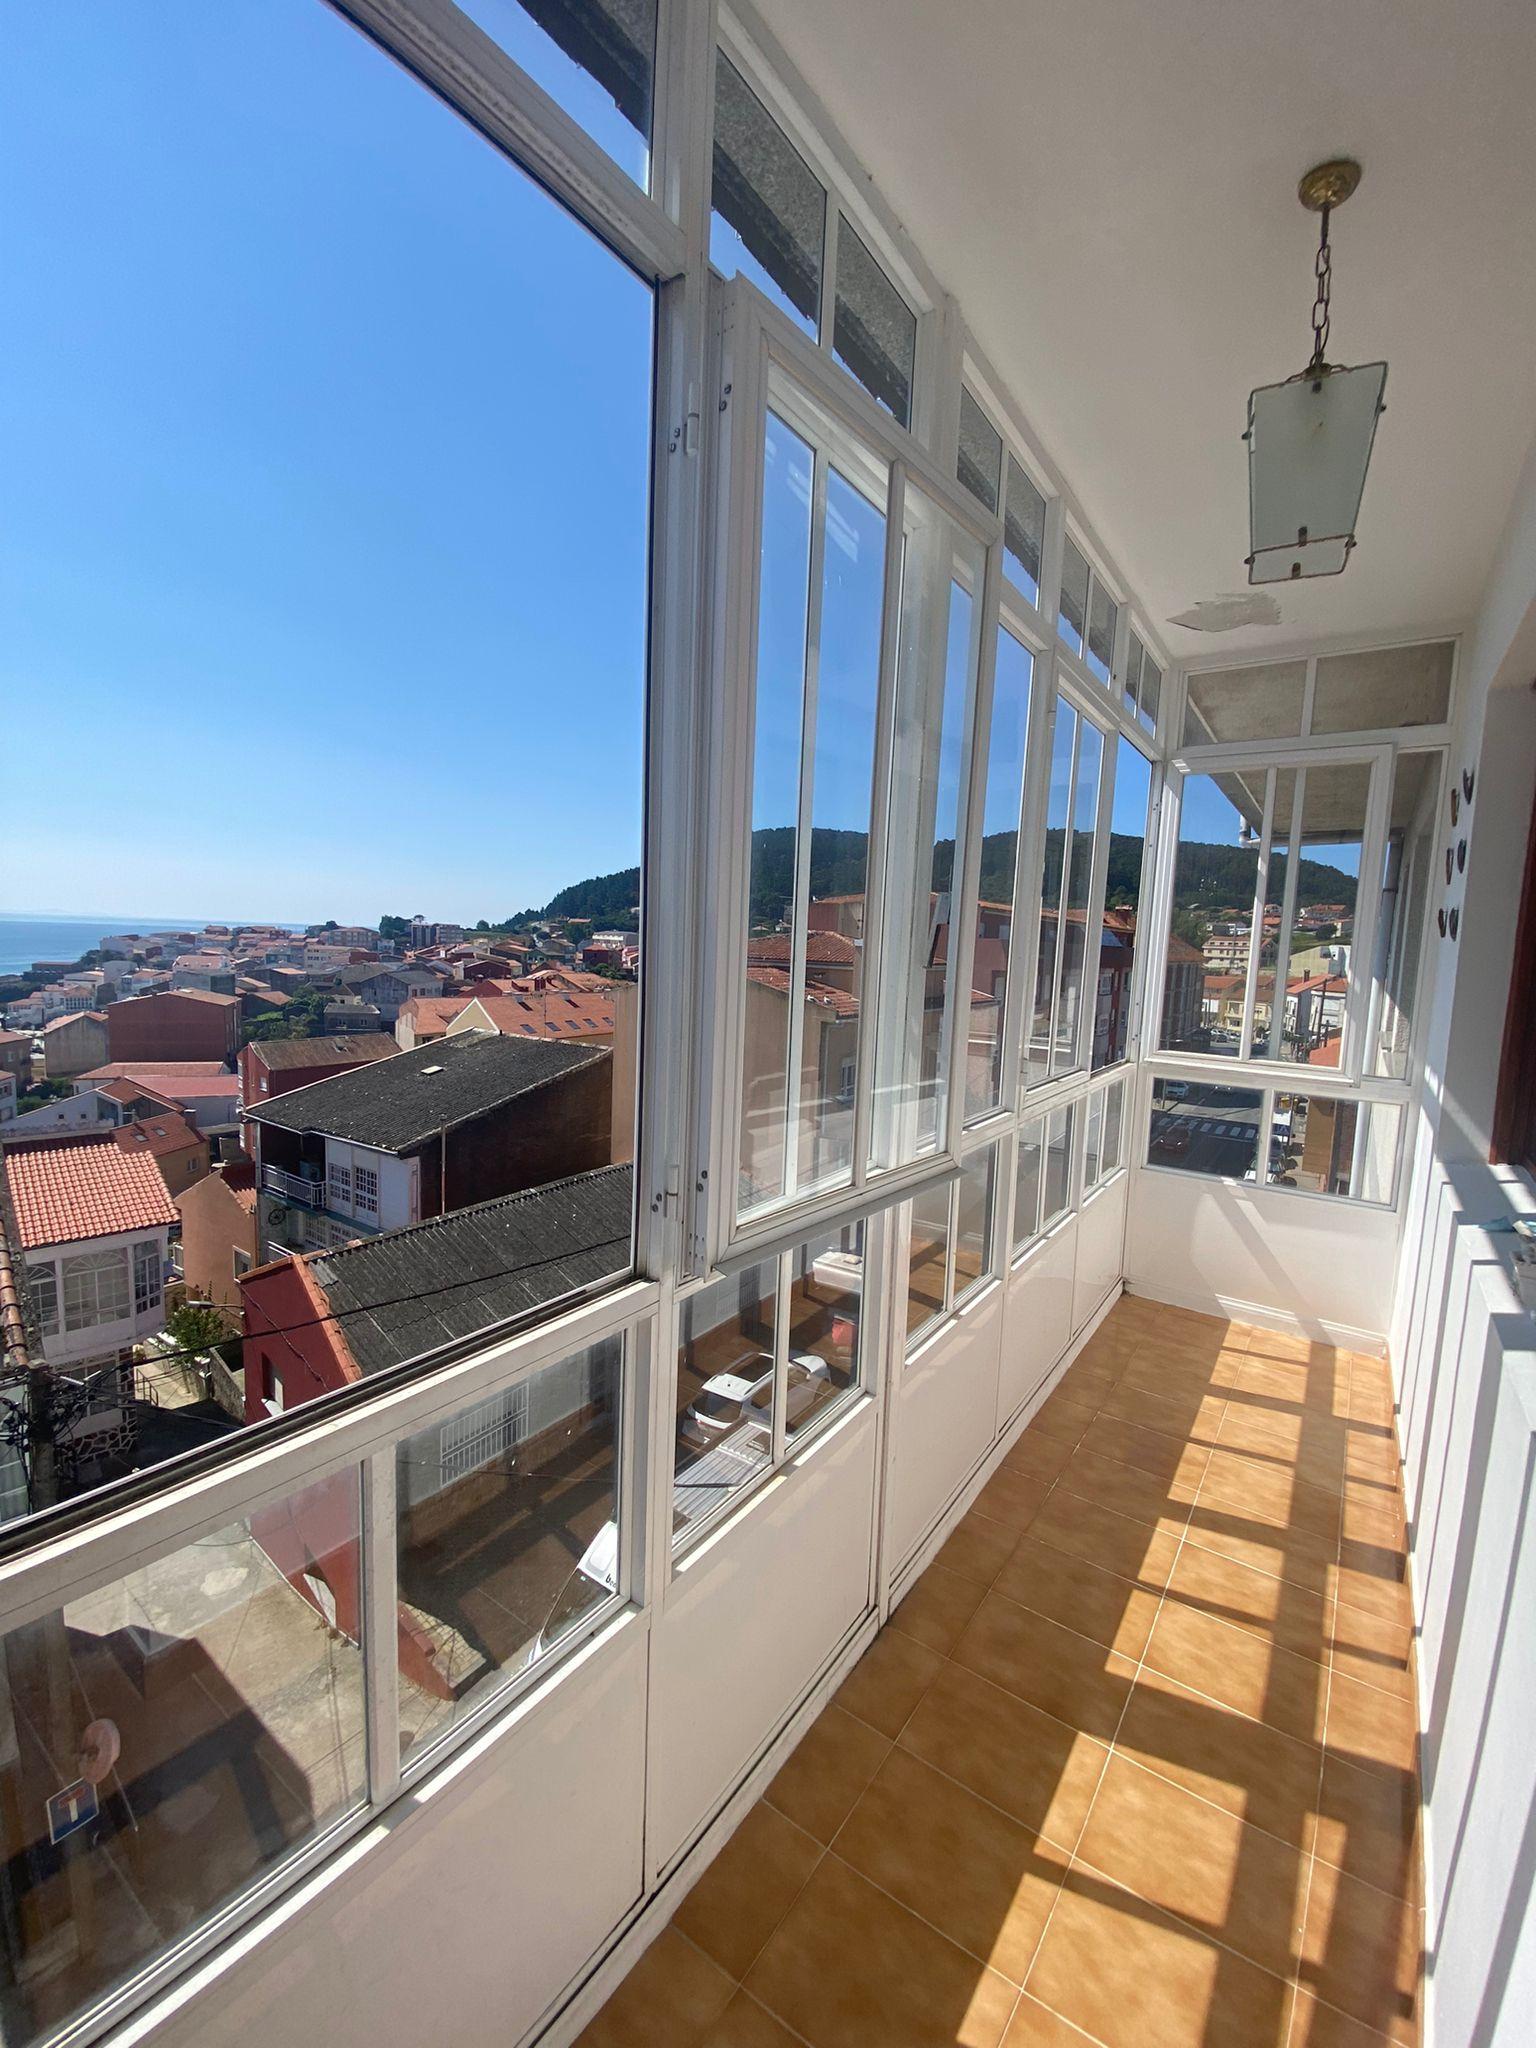 Piso en Fisterra Centro con vistas al mar.